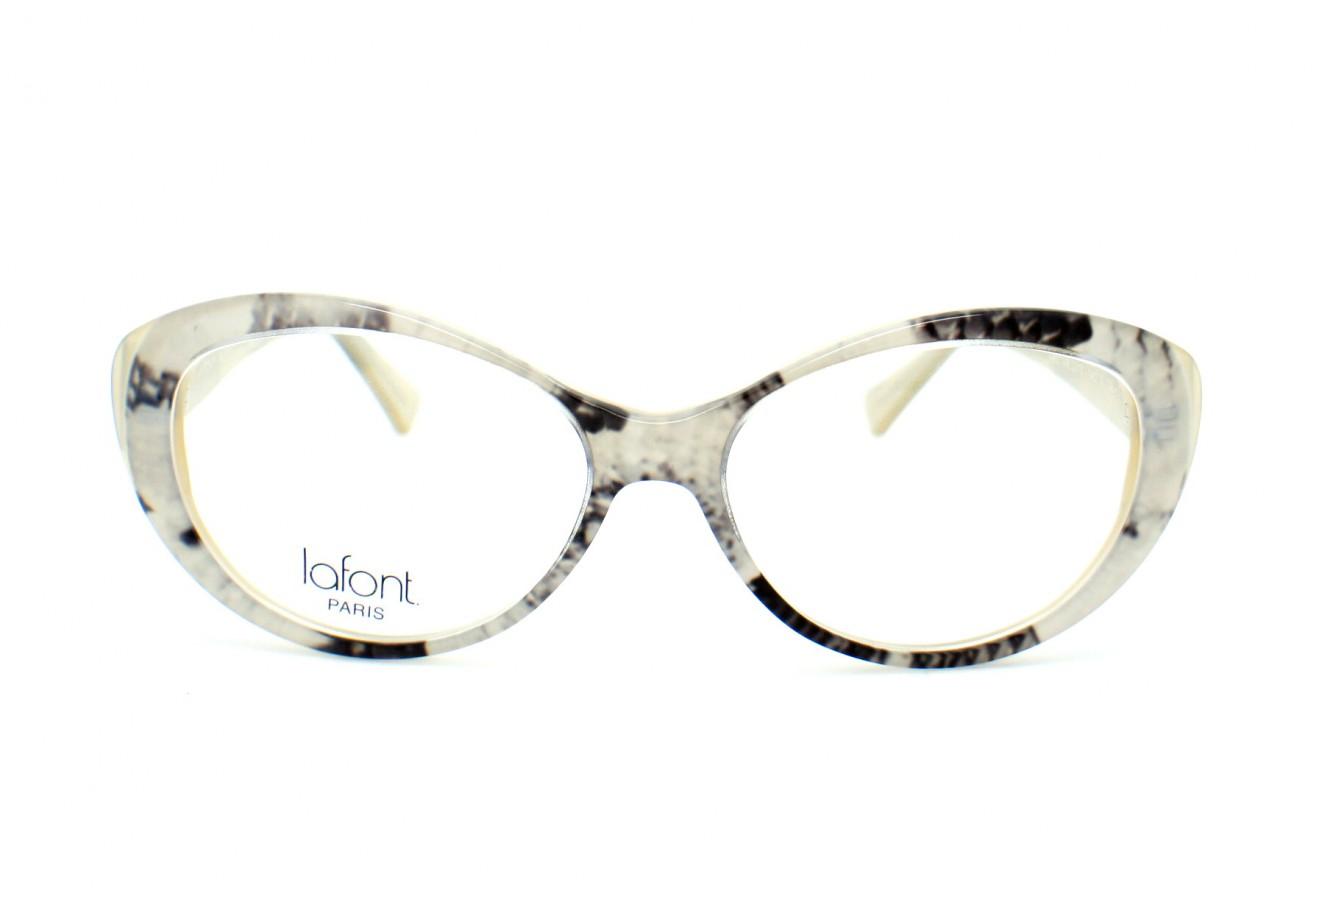 lunettes de vue pourquoi j 39 ai pris des chanel. Black Bedroom Furniture Sets. Home Design Ideas